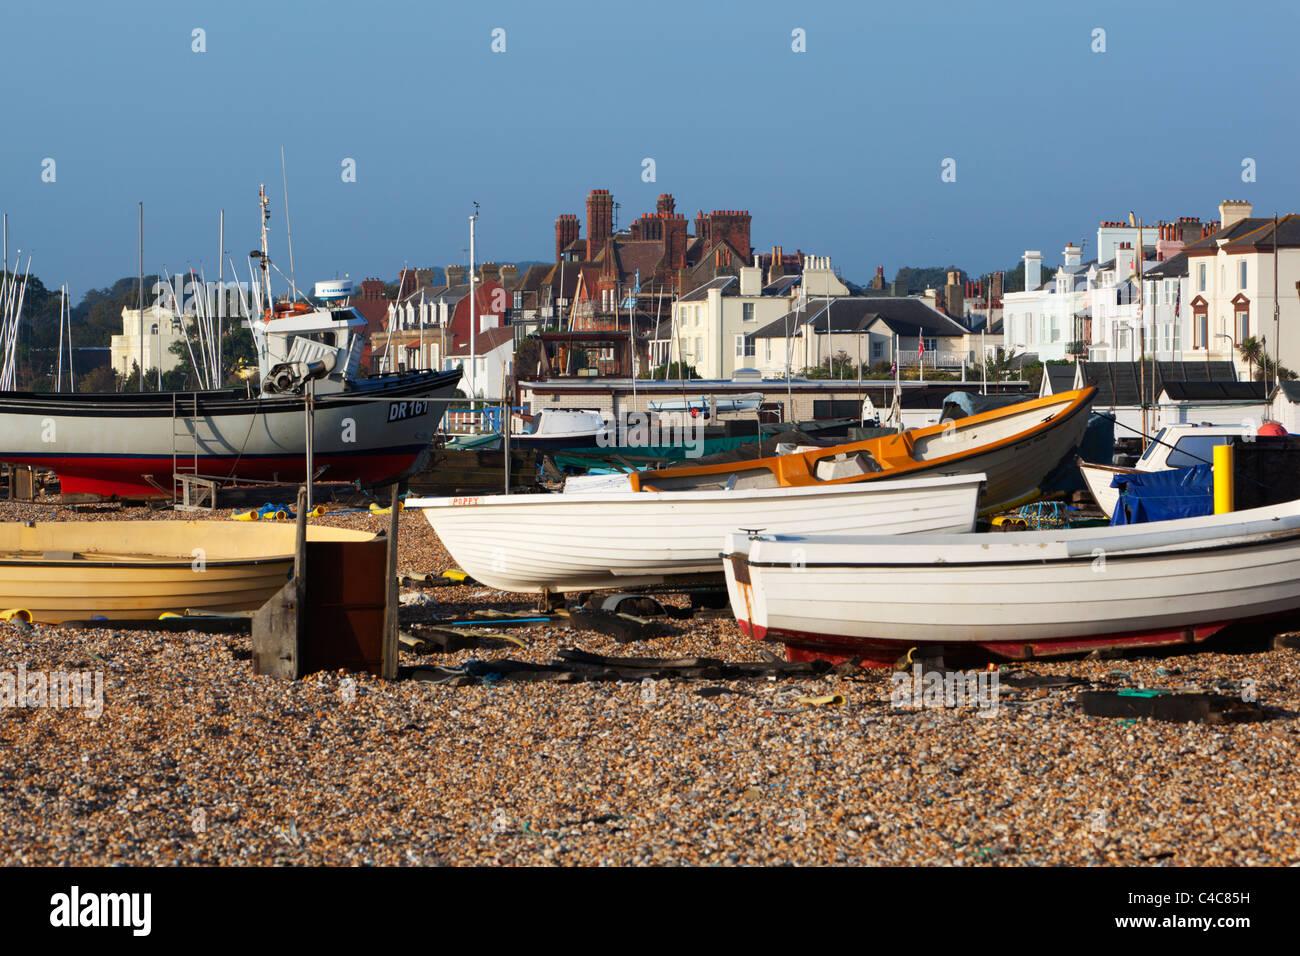 Los botes pesqueros en frente de la playa Imagen De Stock